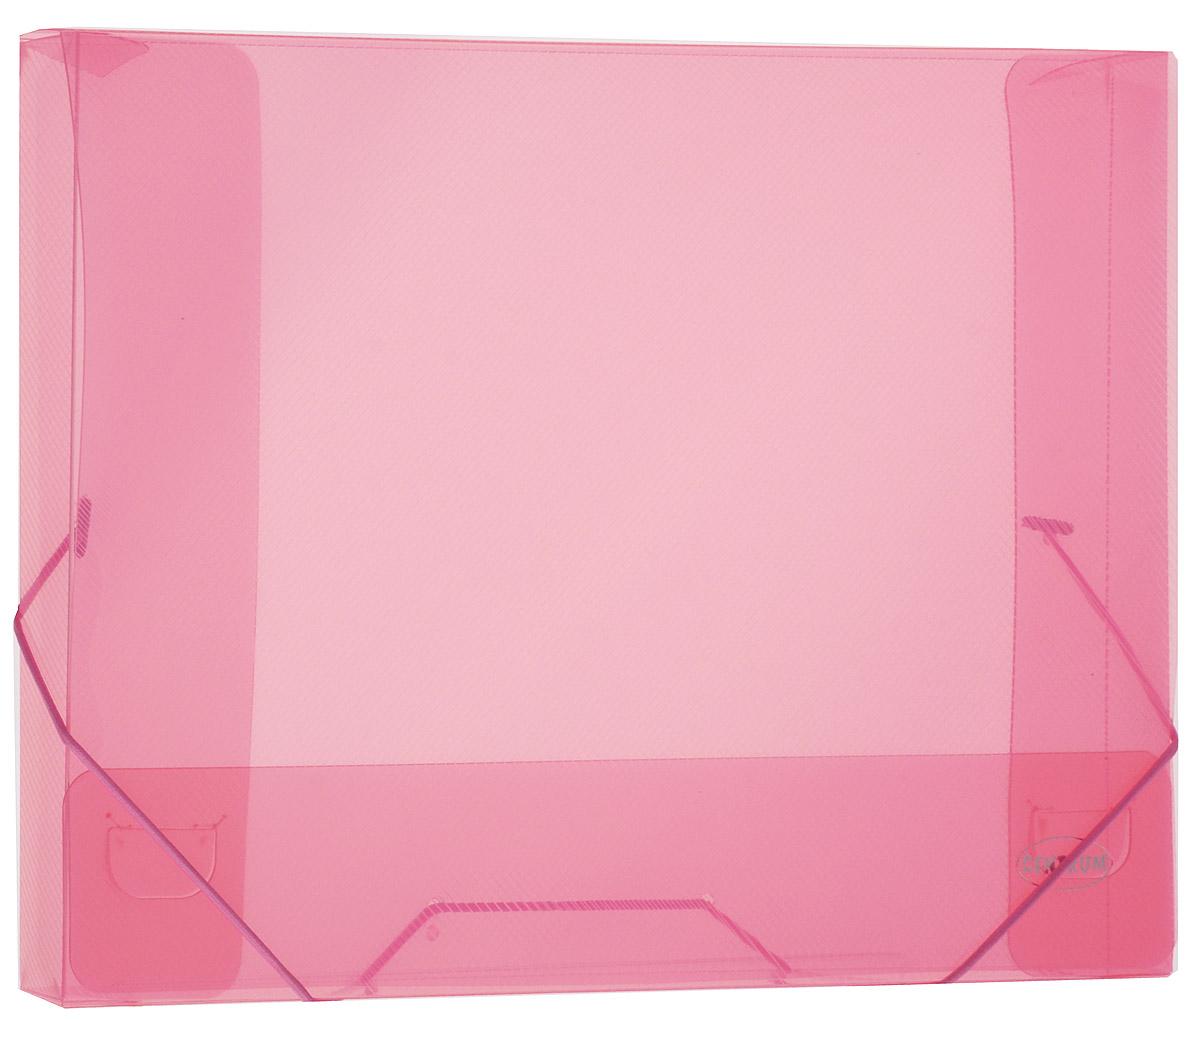 Centrum Папка на резинке цвет розовый80019_розовыйПапка-конверт на резинке Centrum - это удобный и функциональный офисный инструмент, предназначенный для хранения и транспортировки рабочих бумаг и документов формата А4. Папка с двойной угловой фиксацией резиновой лентой изготовлена из износостойкого полупрозрачного полипропилена. Внутри папка имеет три клапана, что обеспечивает надежную фиксацию бумаг и документов. Оформлена тиснением в виде параллельной штриховки. Папка - это незаменимый атрибут для студента, школьника, офисного работника. Она надежно сохранит ваши документы и сбережет их от повреждений, пыли и влаги.